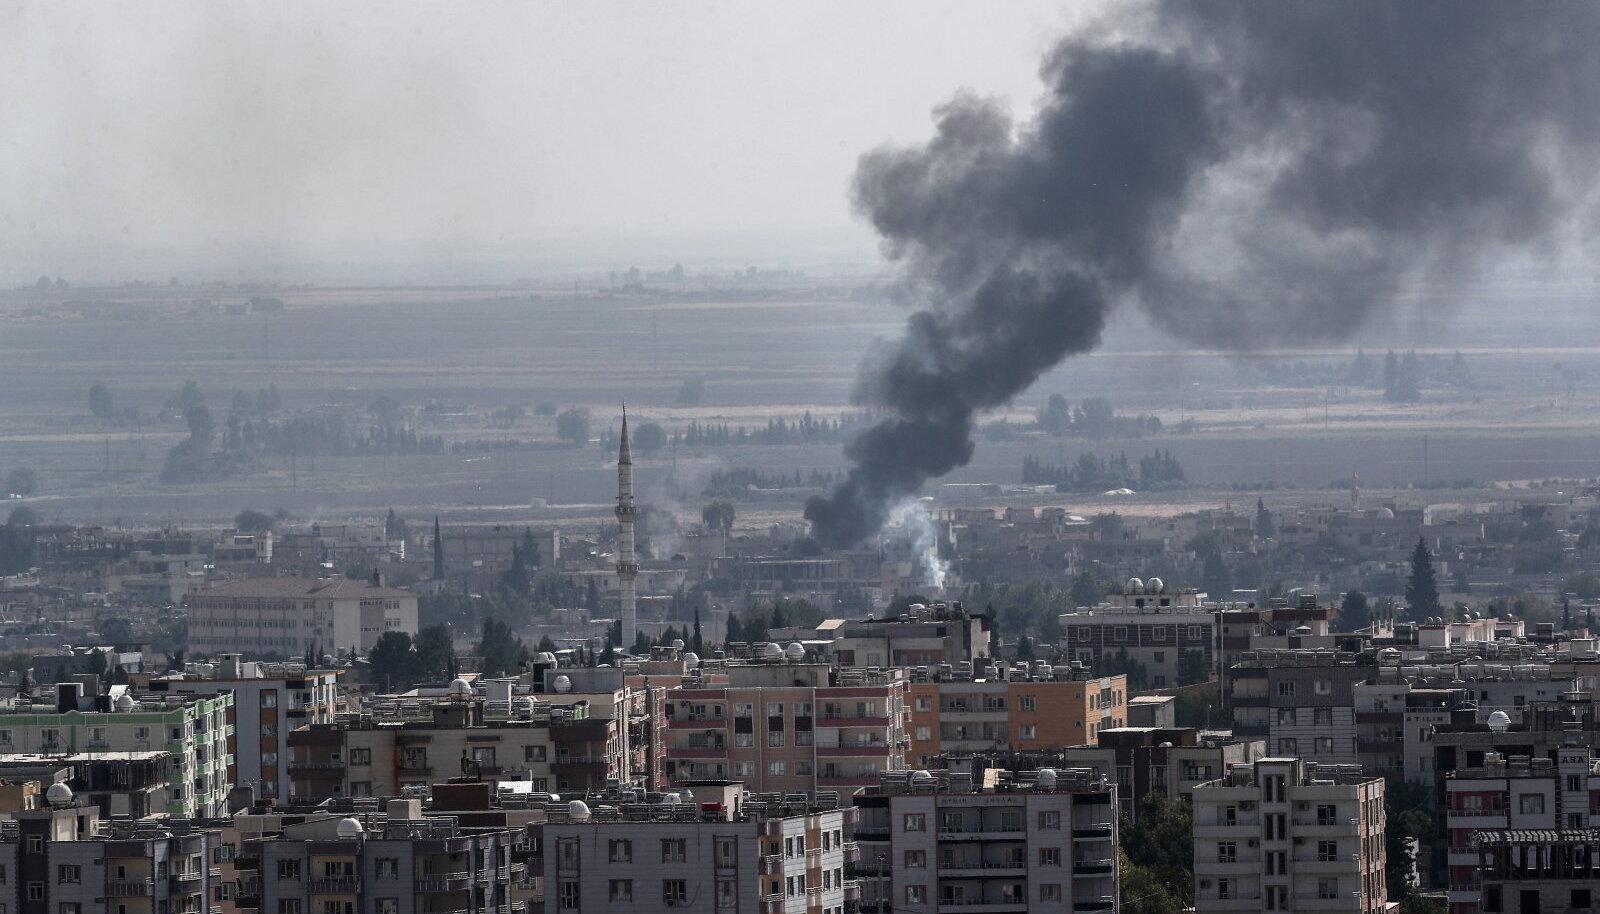 Heiki Suurkask: Türgi sõjakäik Süüriasse – kas tõesti üllatas see kedagi? Ega nüüd Putinit enam välja ei saa